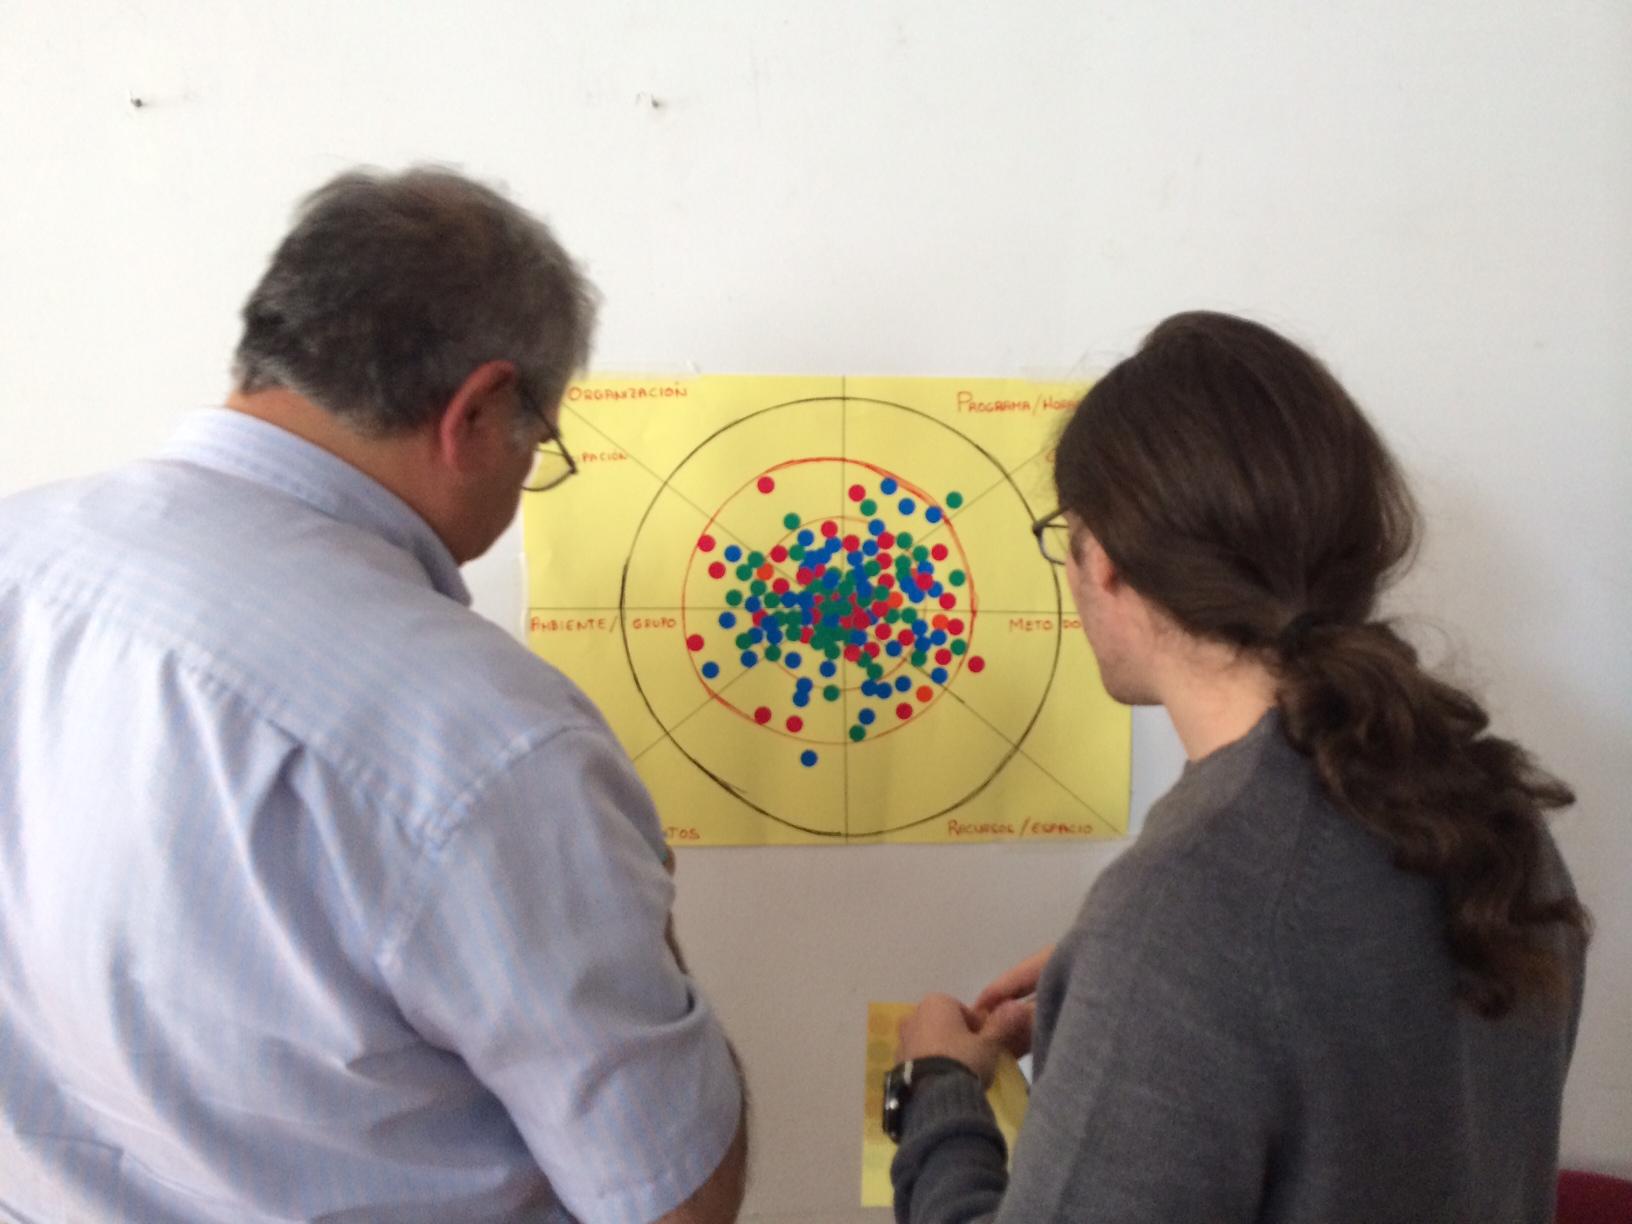 Diana de evaluación participativa